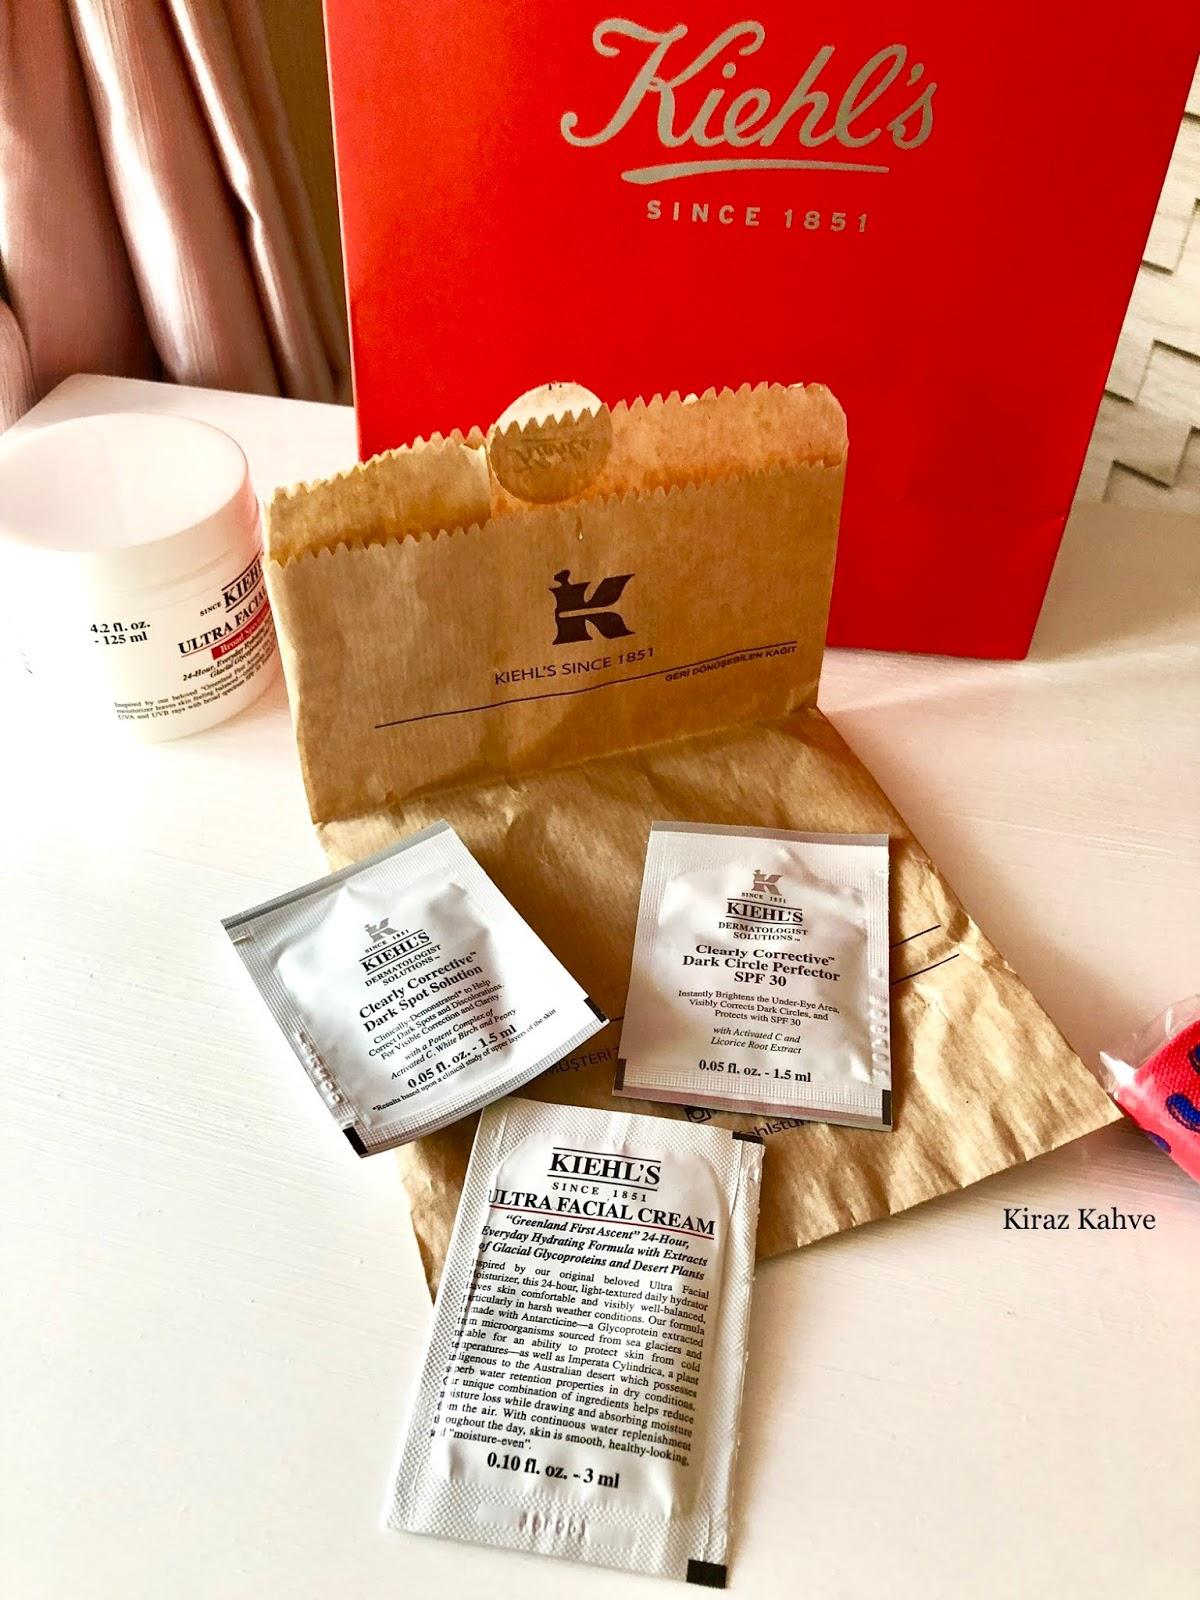 kiehl's deneme boy ürünler